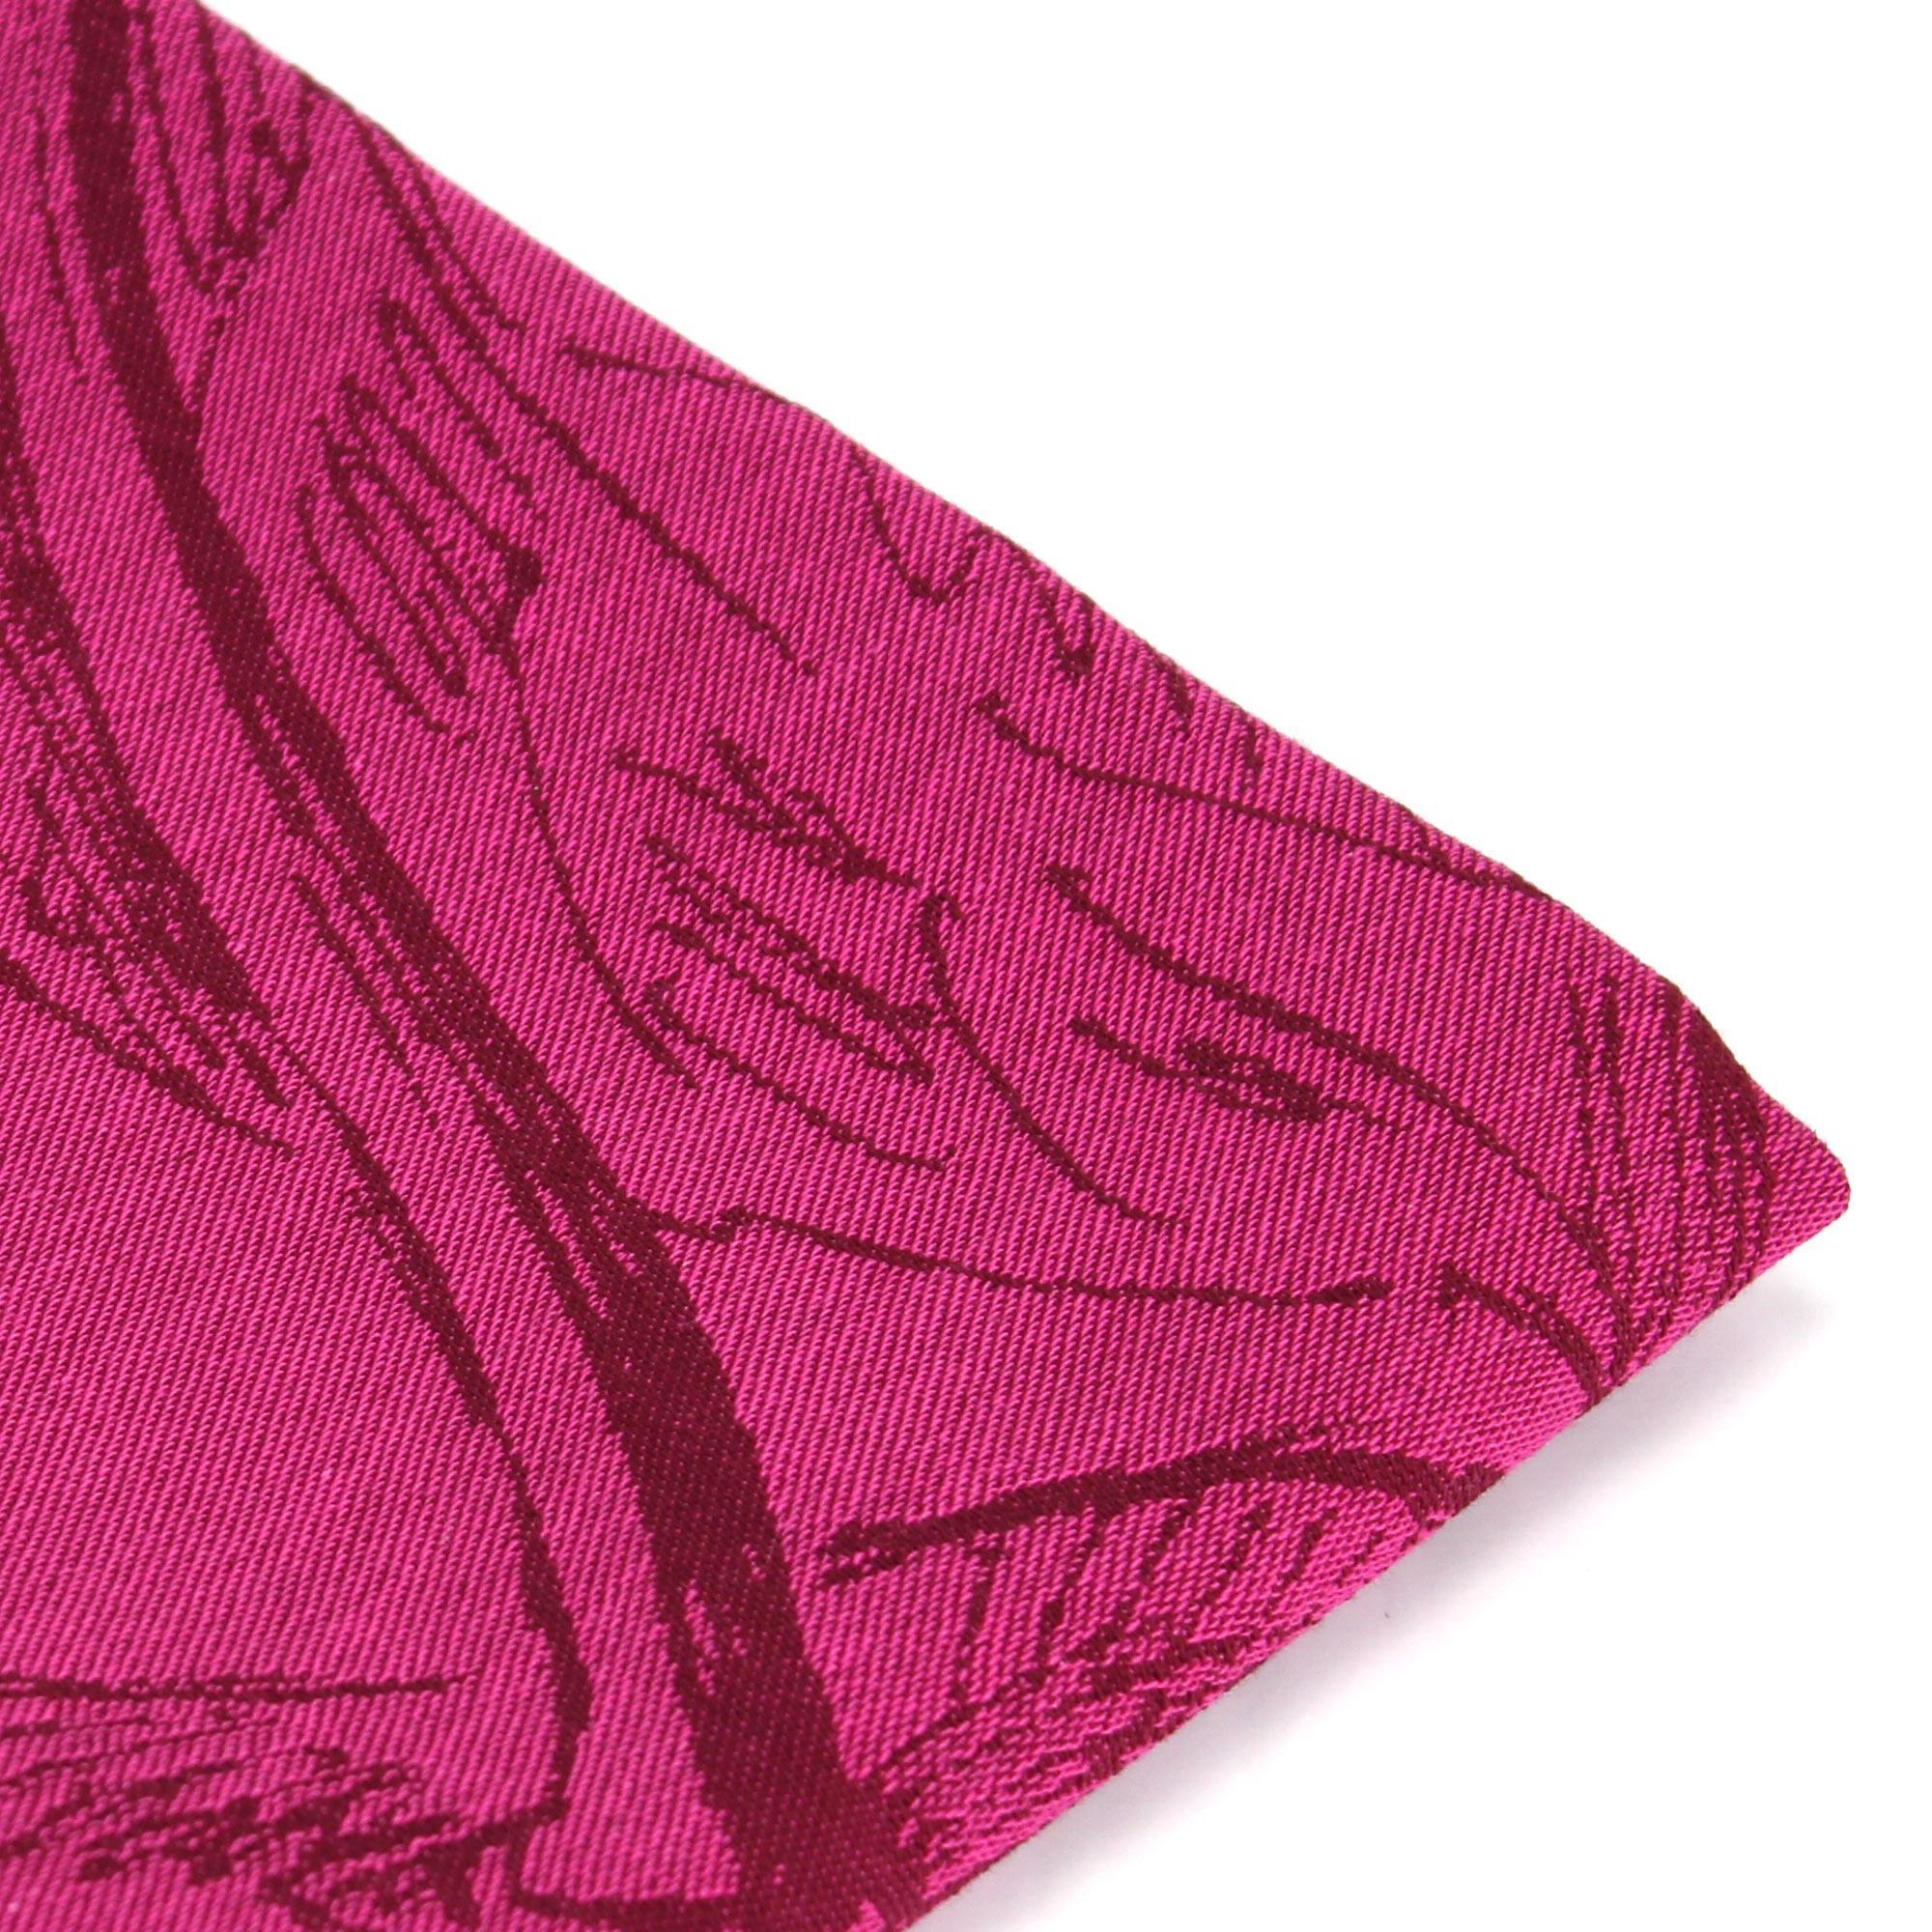 torchon de cuisine toile 50x70 cm georgia rose linnea linge de maison et. Black Bedroom Furniture Sets. Home Design Ideas